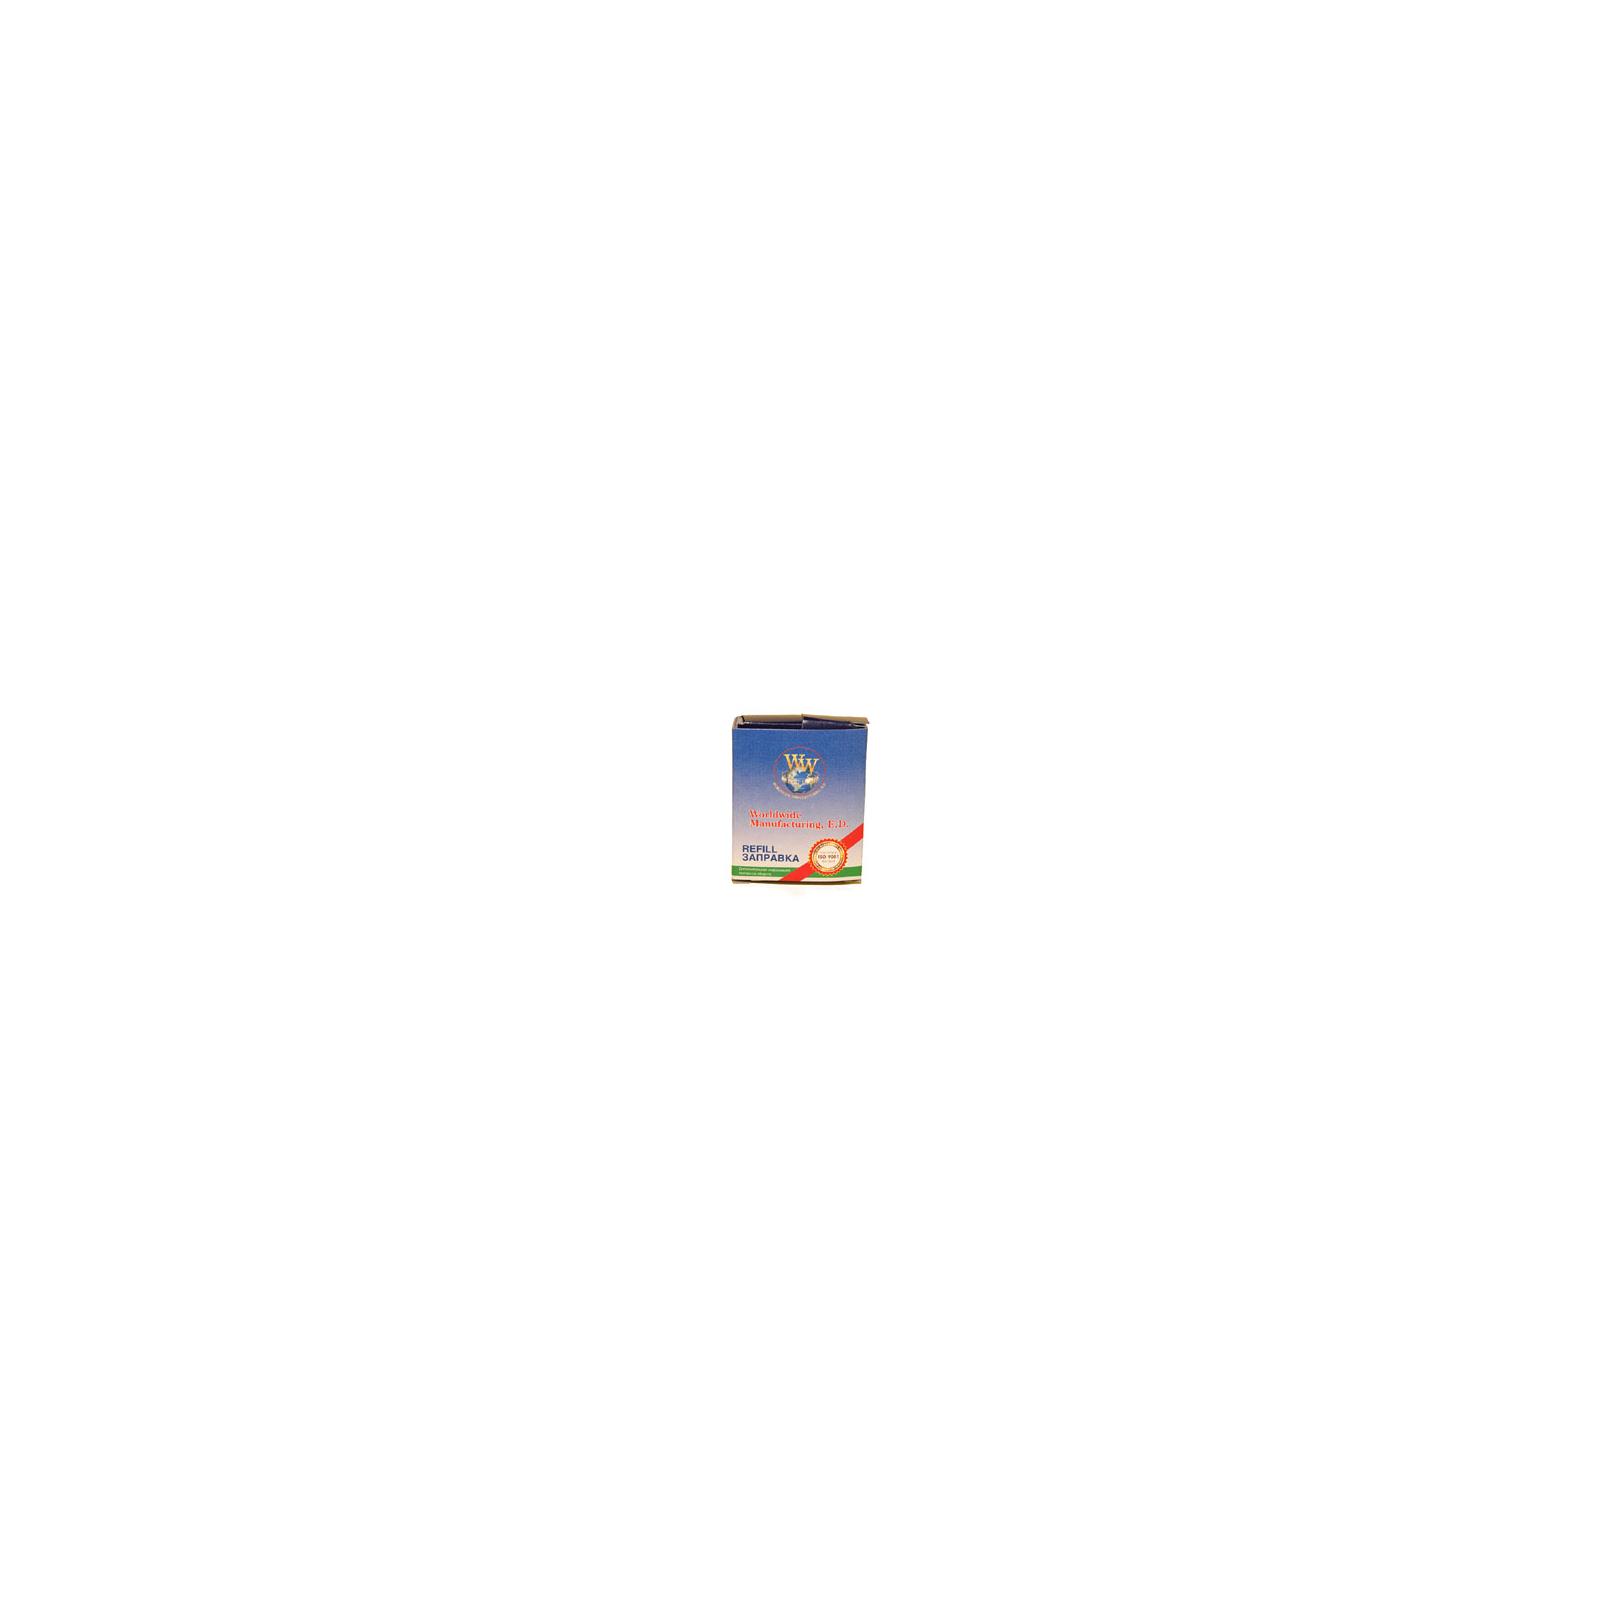 Лента к принтерам 8мм х 1,8м Refill STD Black WWM (R8.1.8HC)